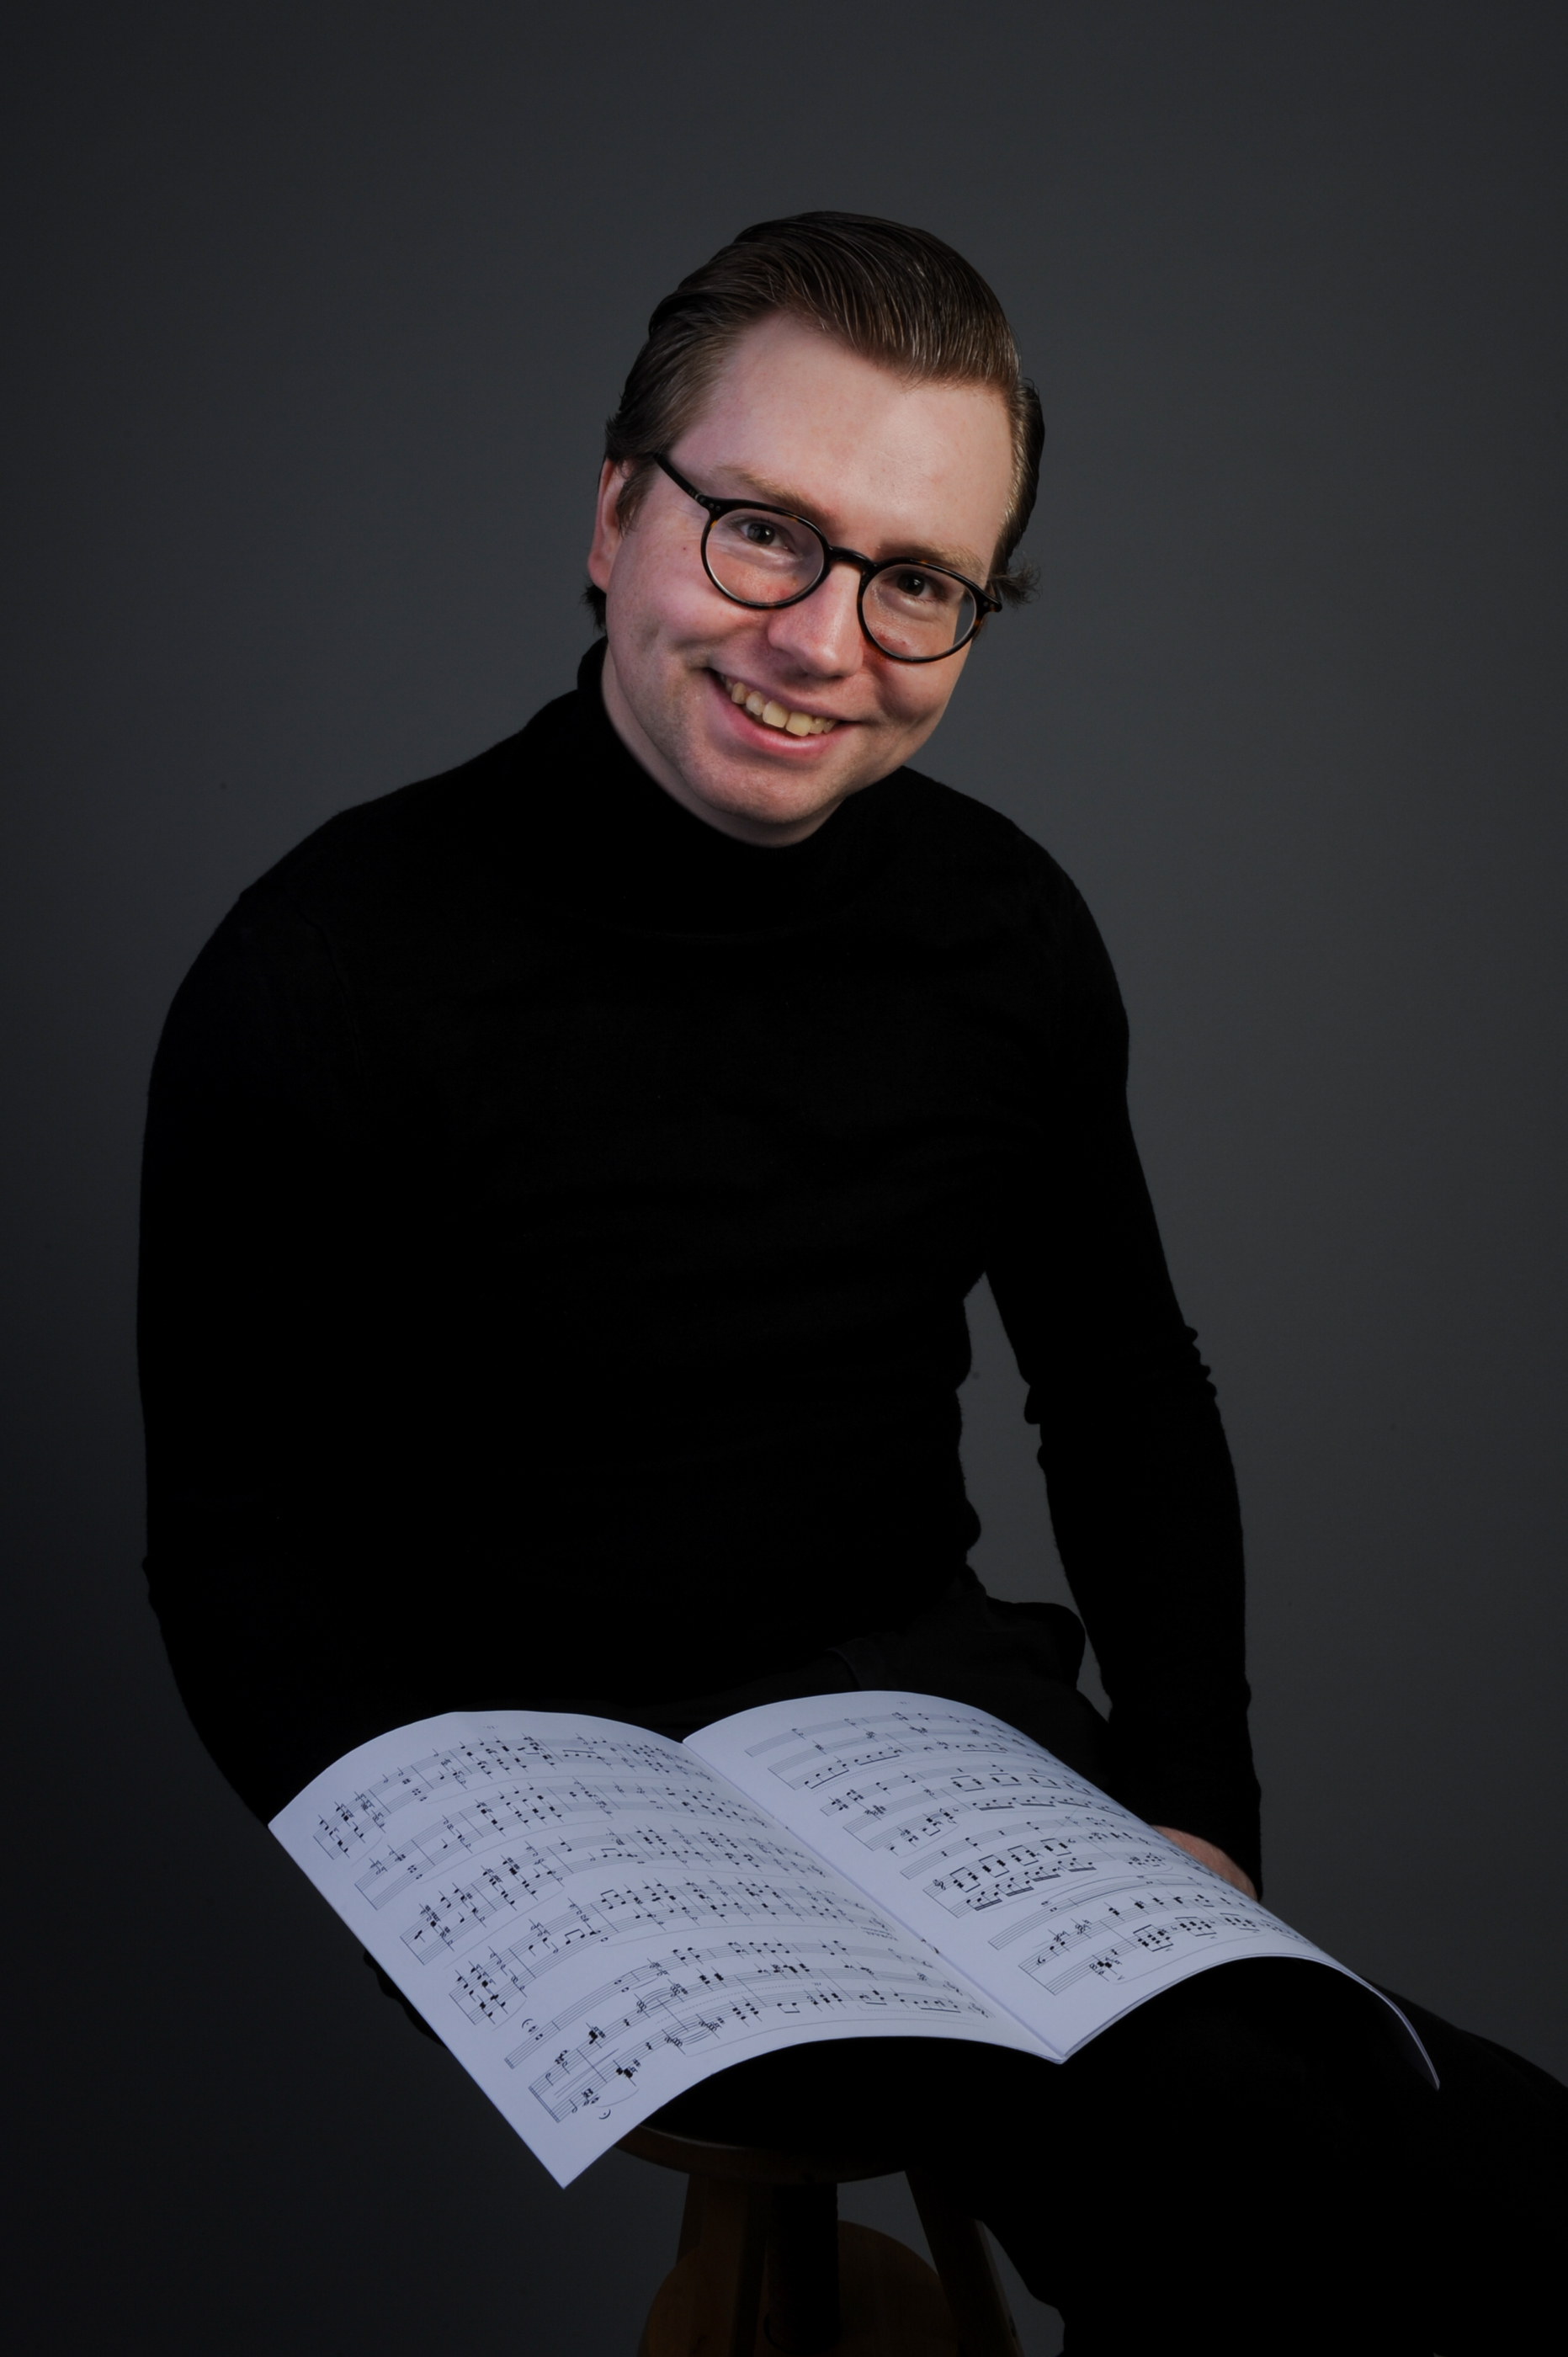 Jan Rozendaal